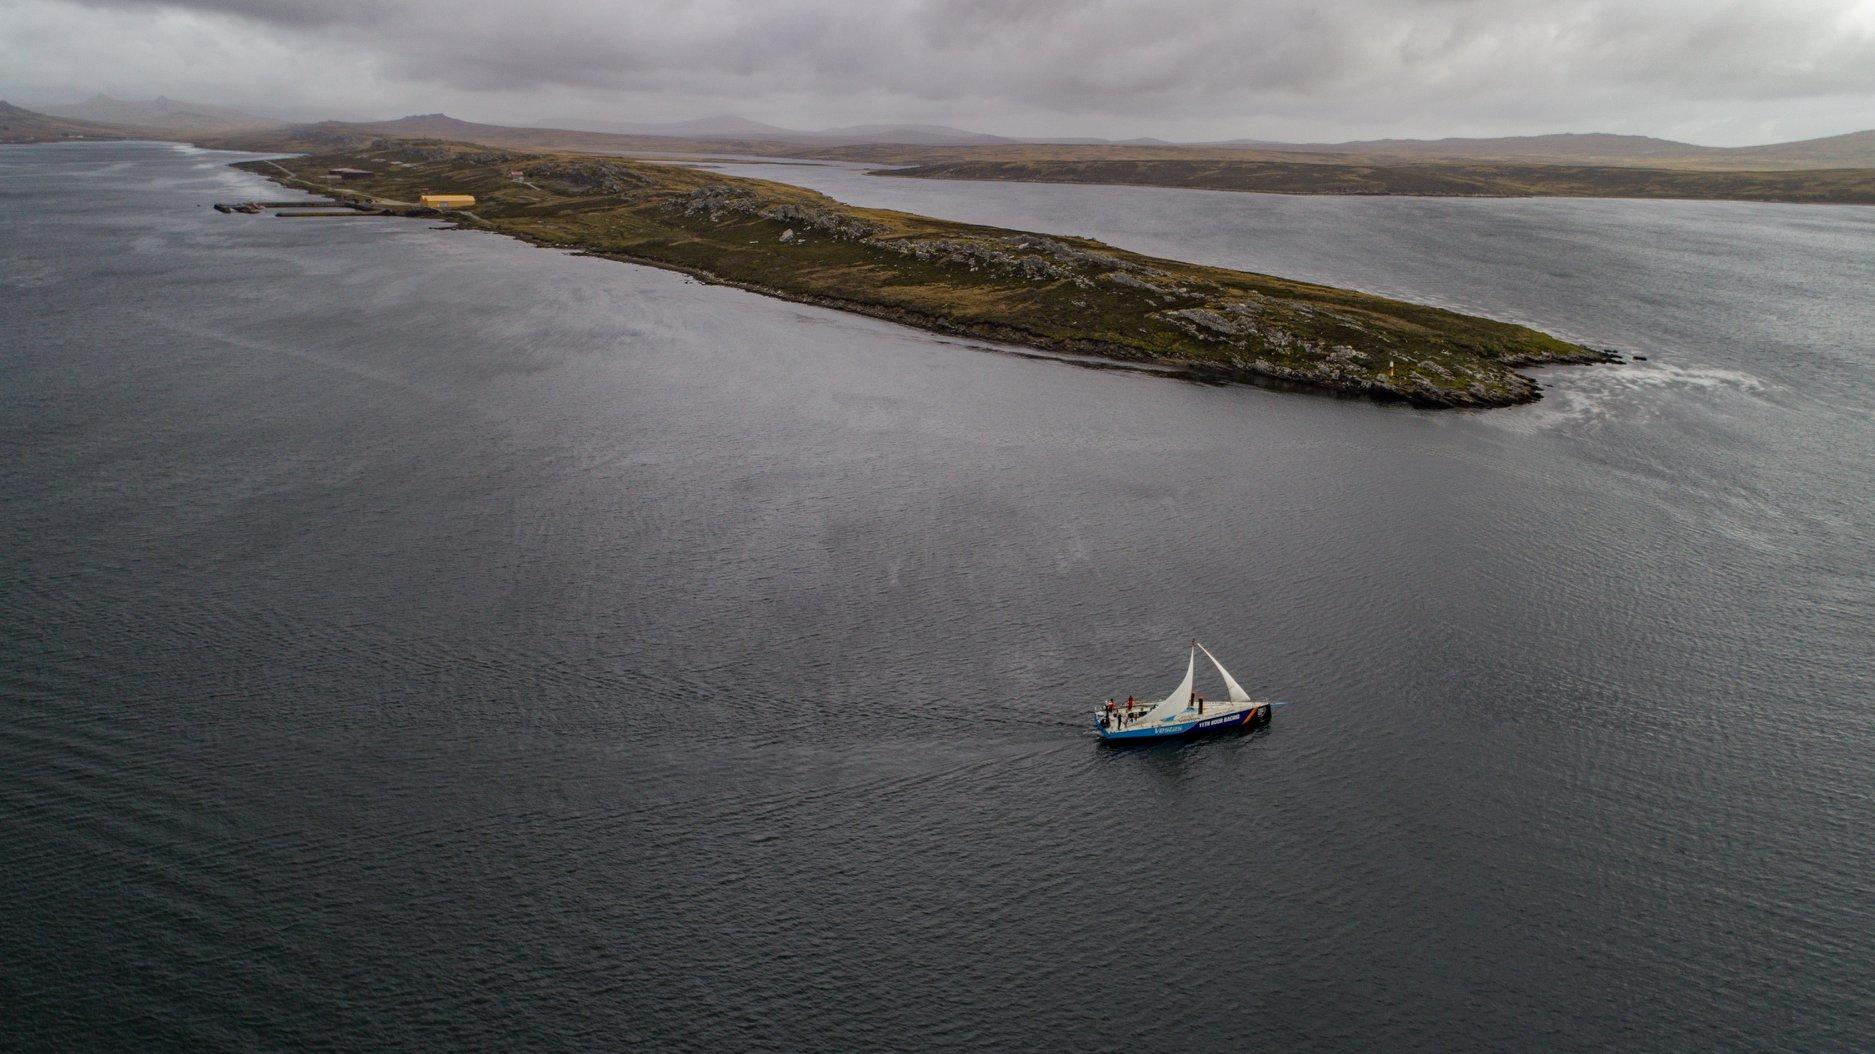 Med en lav nødrig og motor sejler Vestas mod Brasilien. Scallywag er flere dage efter. Foto: Vestas 11th Hour Racing